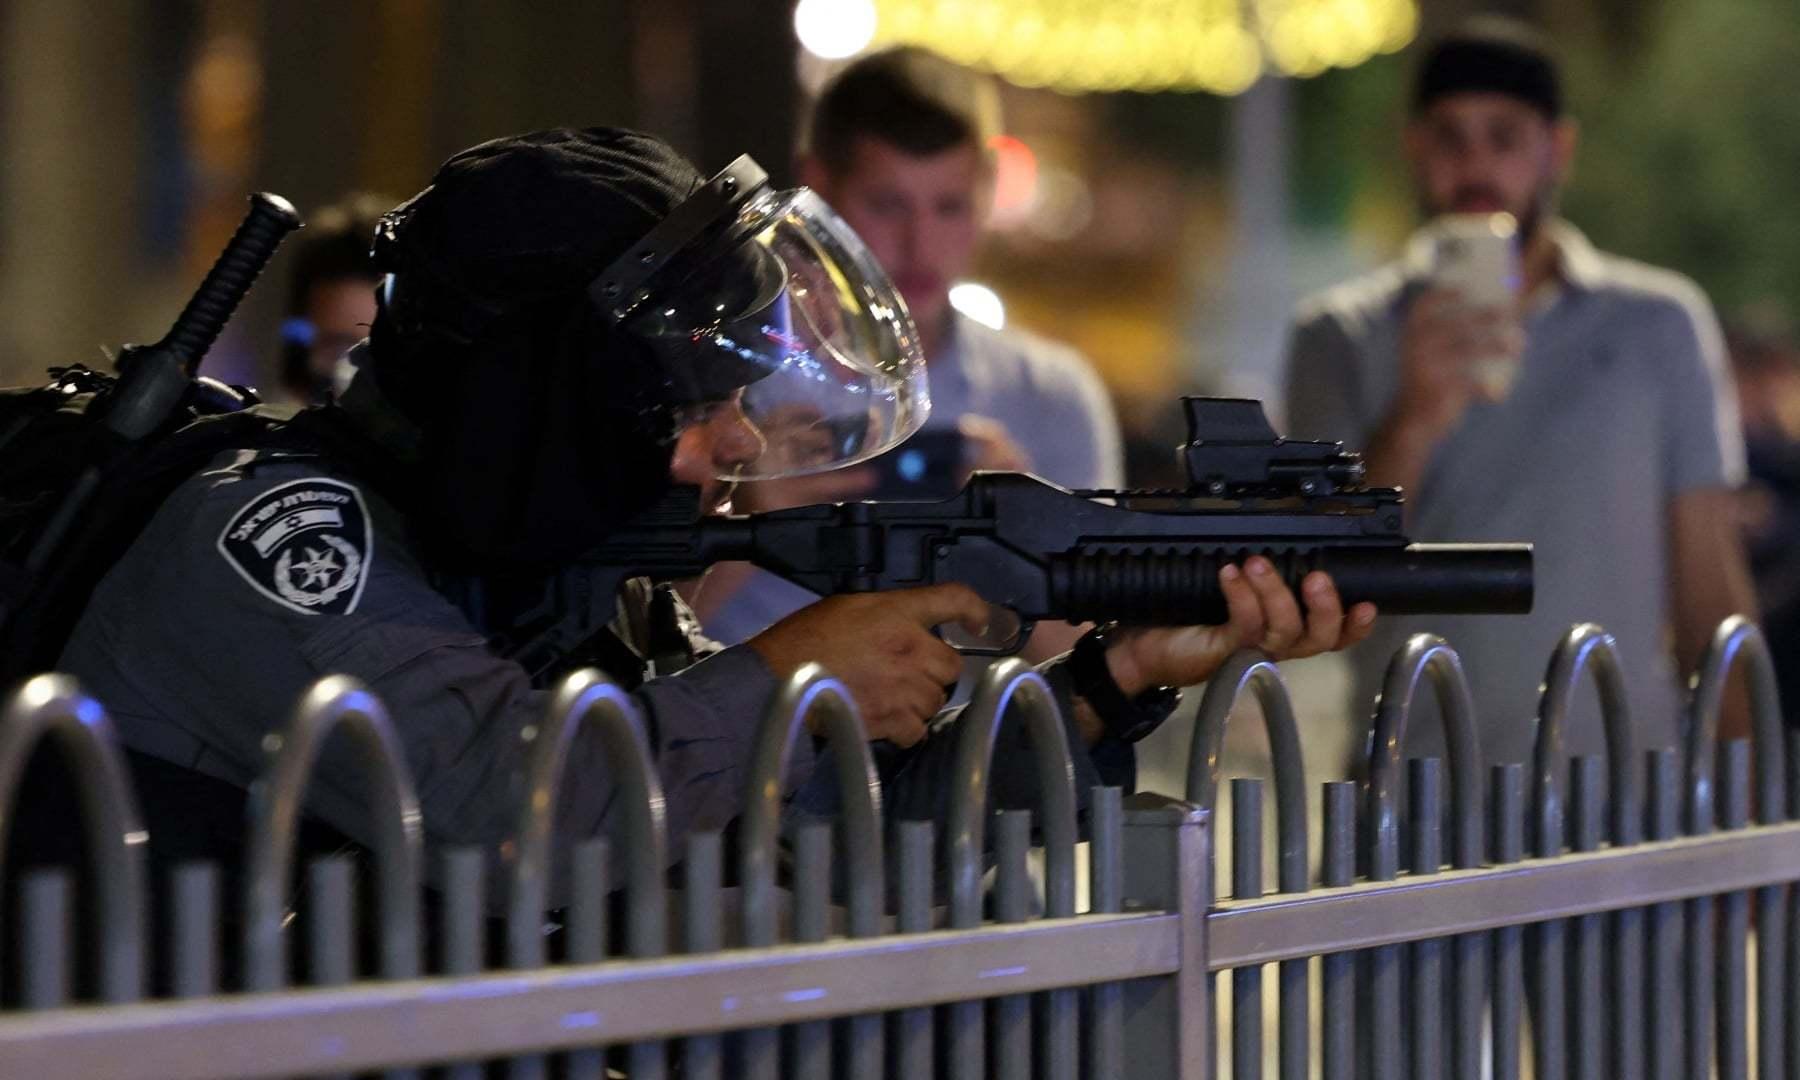 اسرائیلی سیکیورٹی فورسز نے فلسطینی مسلمانوں کو براہ راست نشانہ بنایا—فوٹو: اے ایف پی